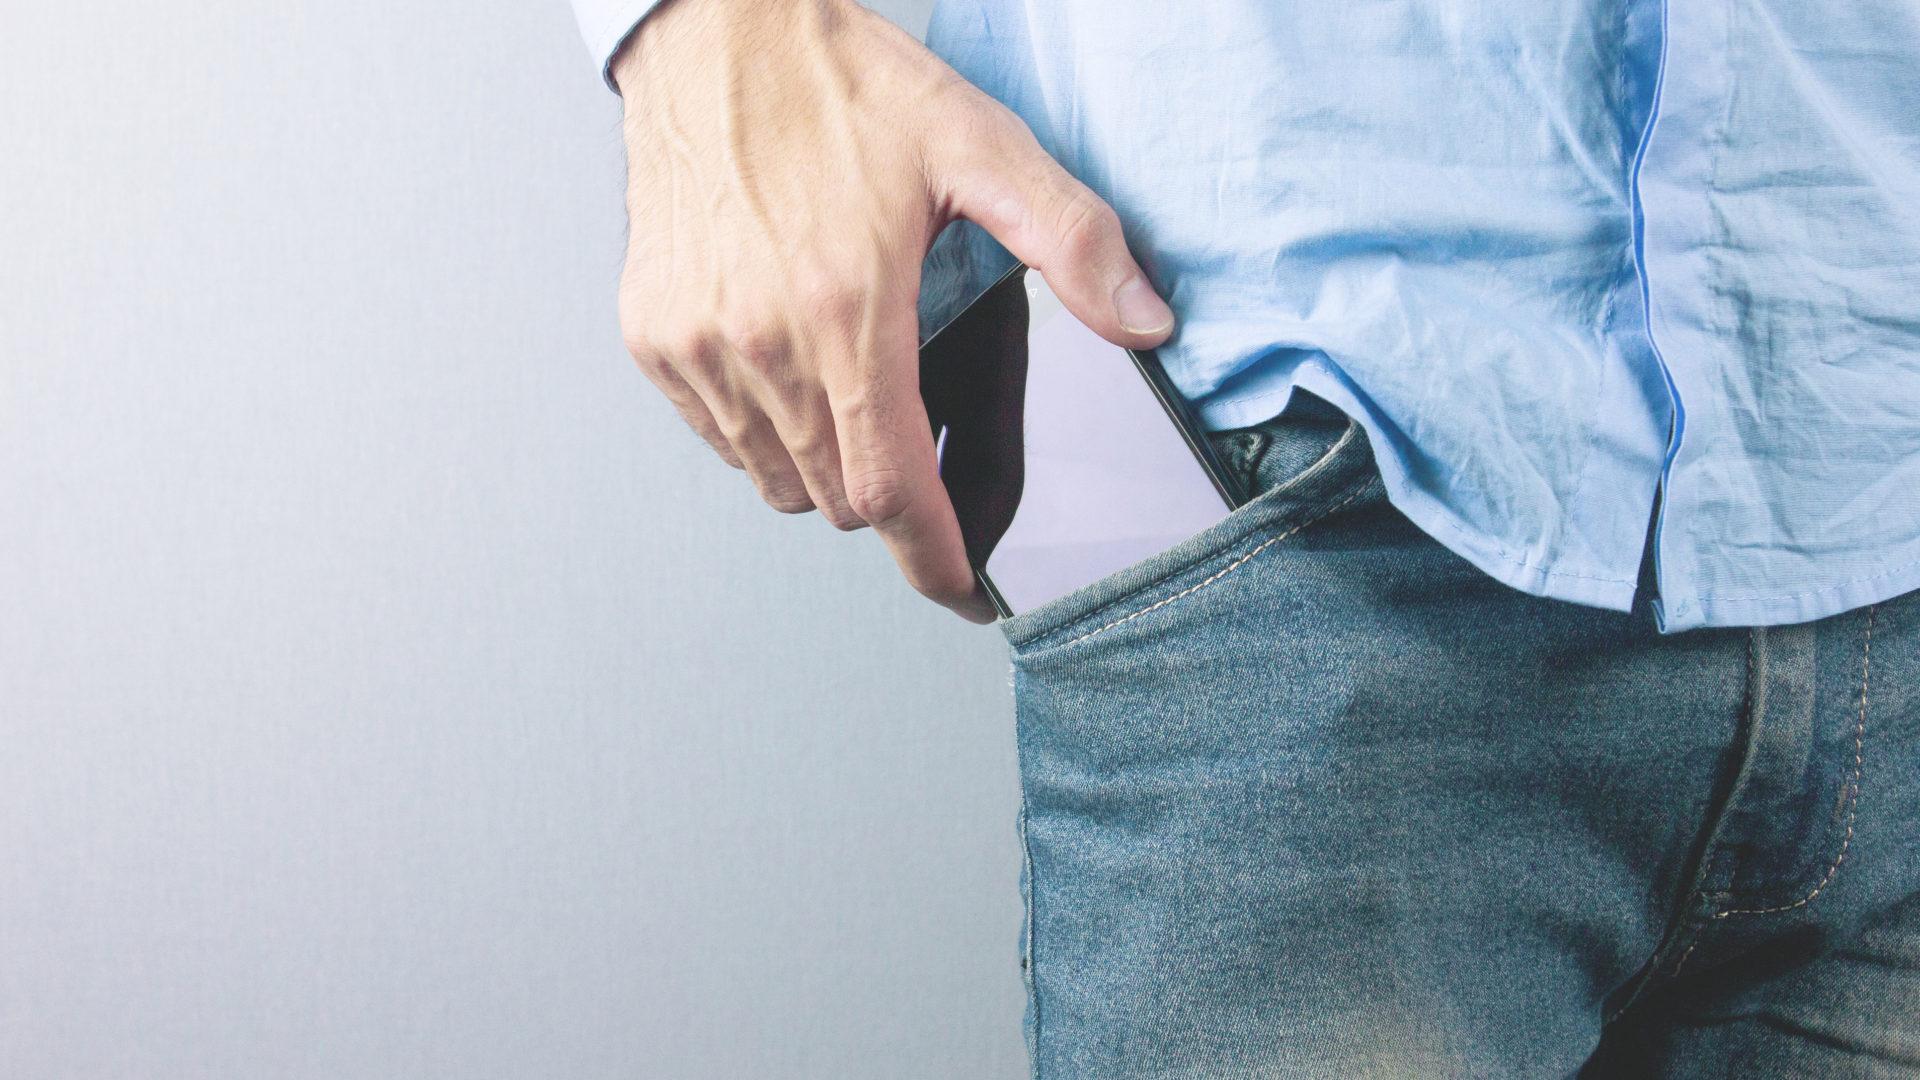 Älypuhelimen taskussa pitäminen voi laskea miesten sperman laatua.